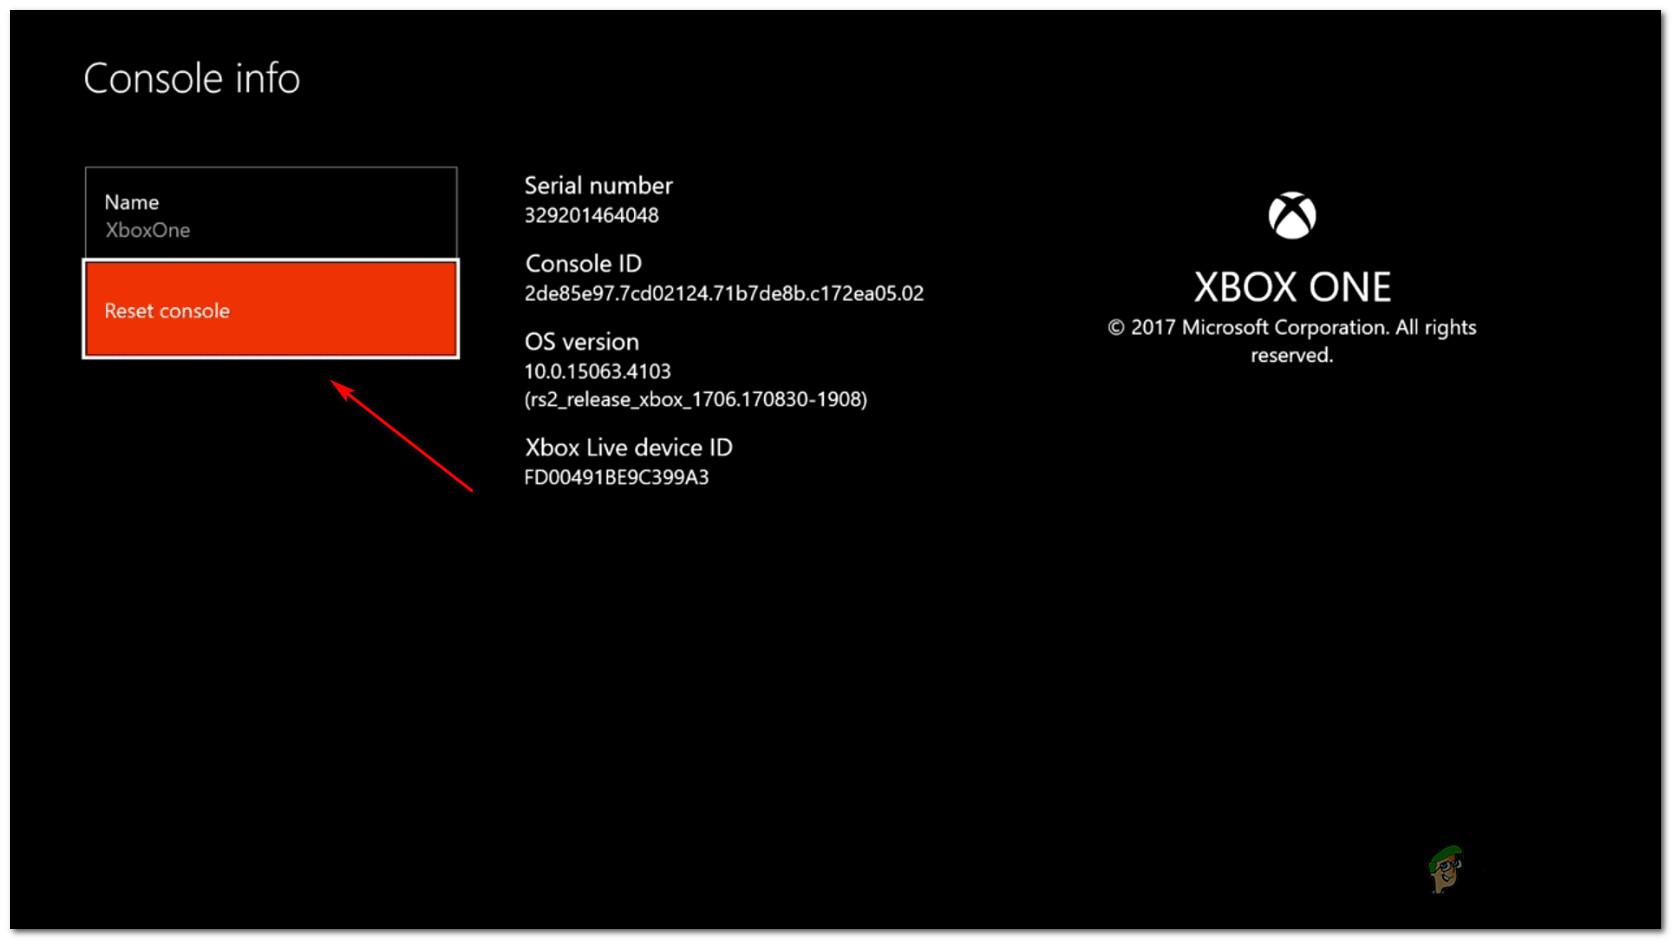 How to Fix Xbox One Error 0x87e107e4 - Appuals com